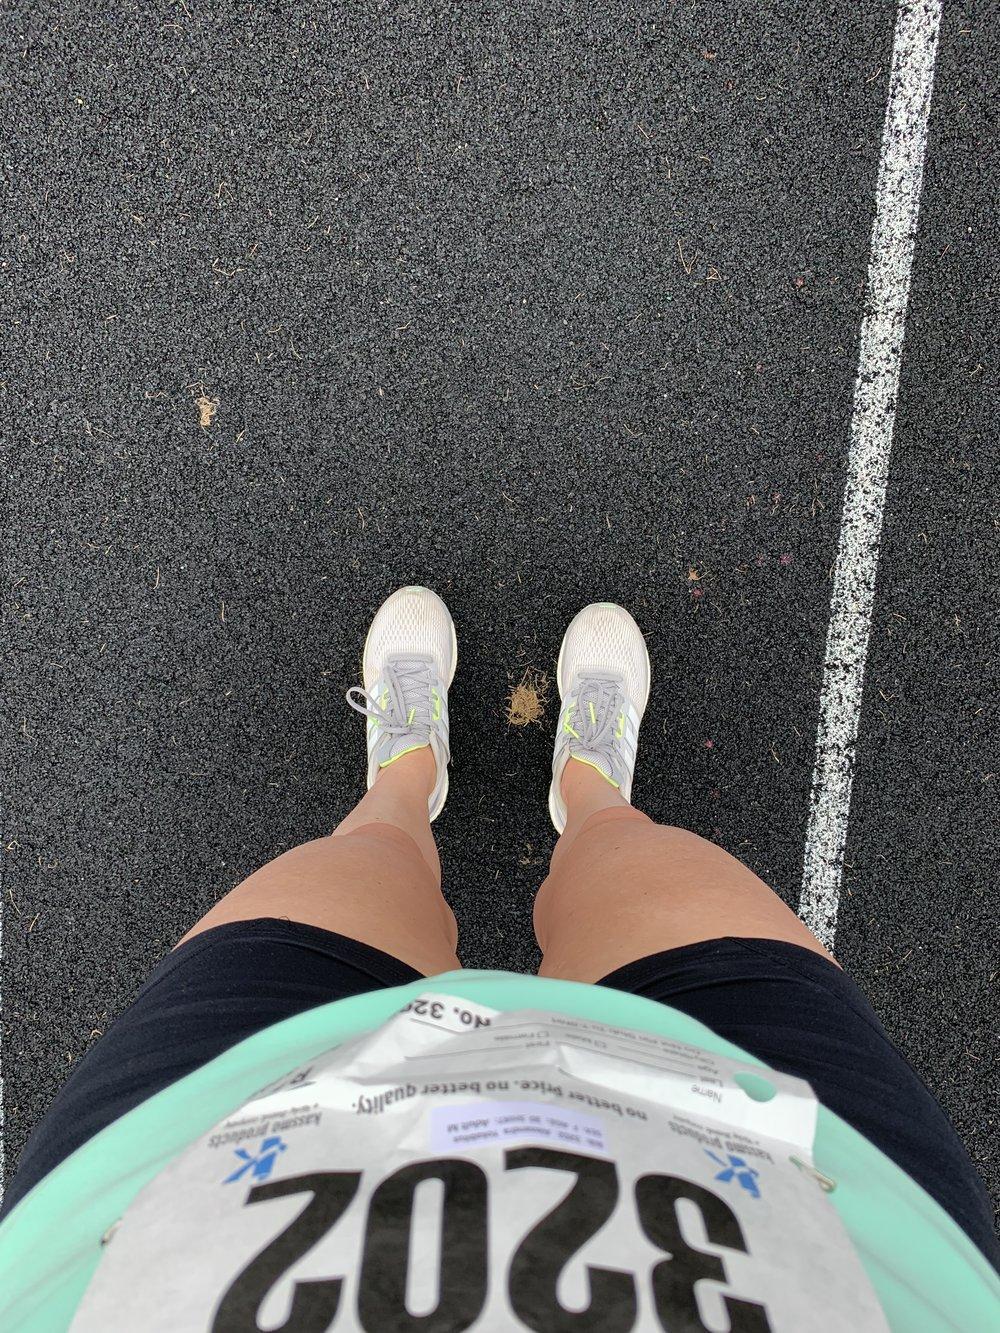 Running 5k.JPG